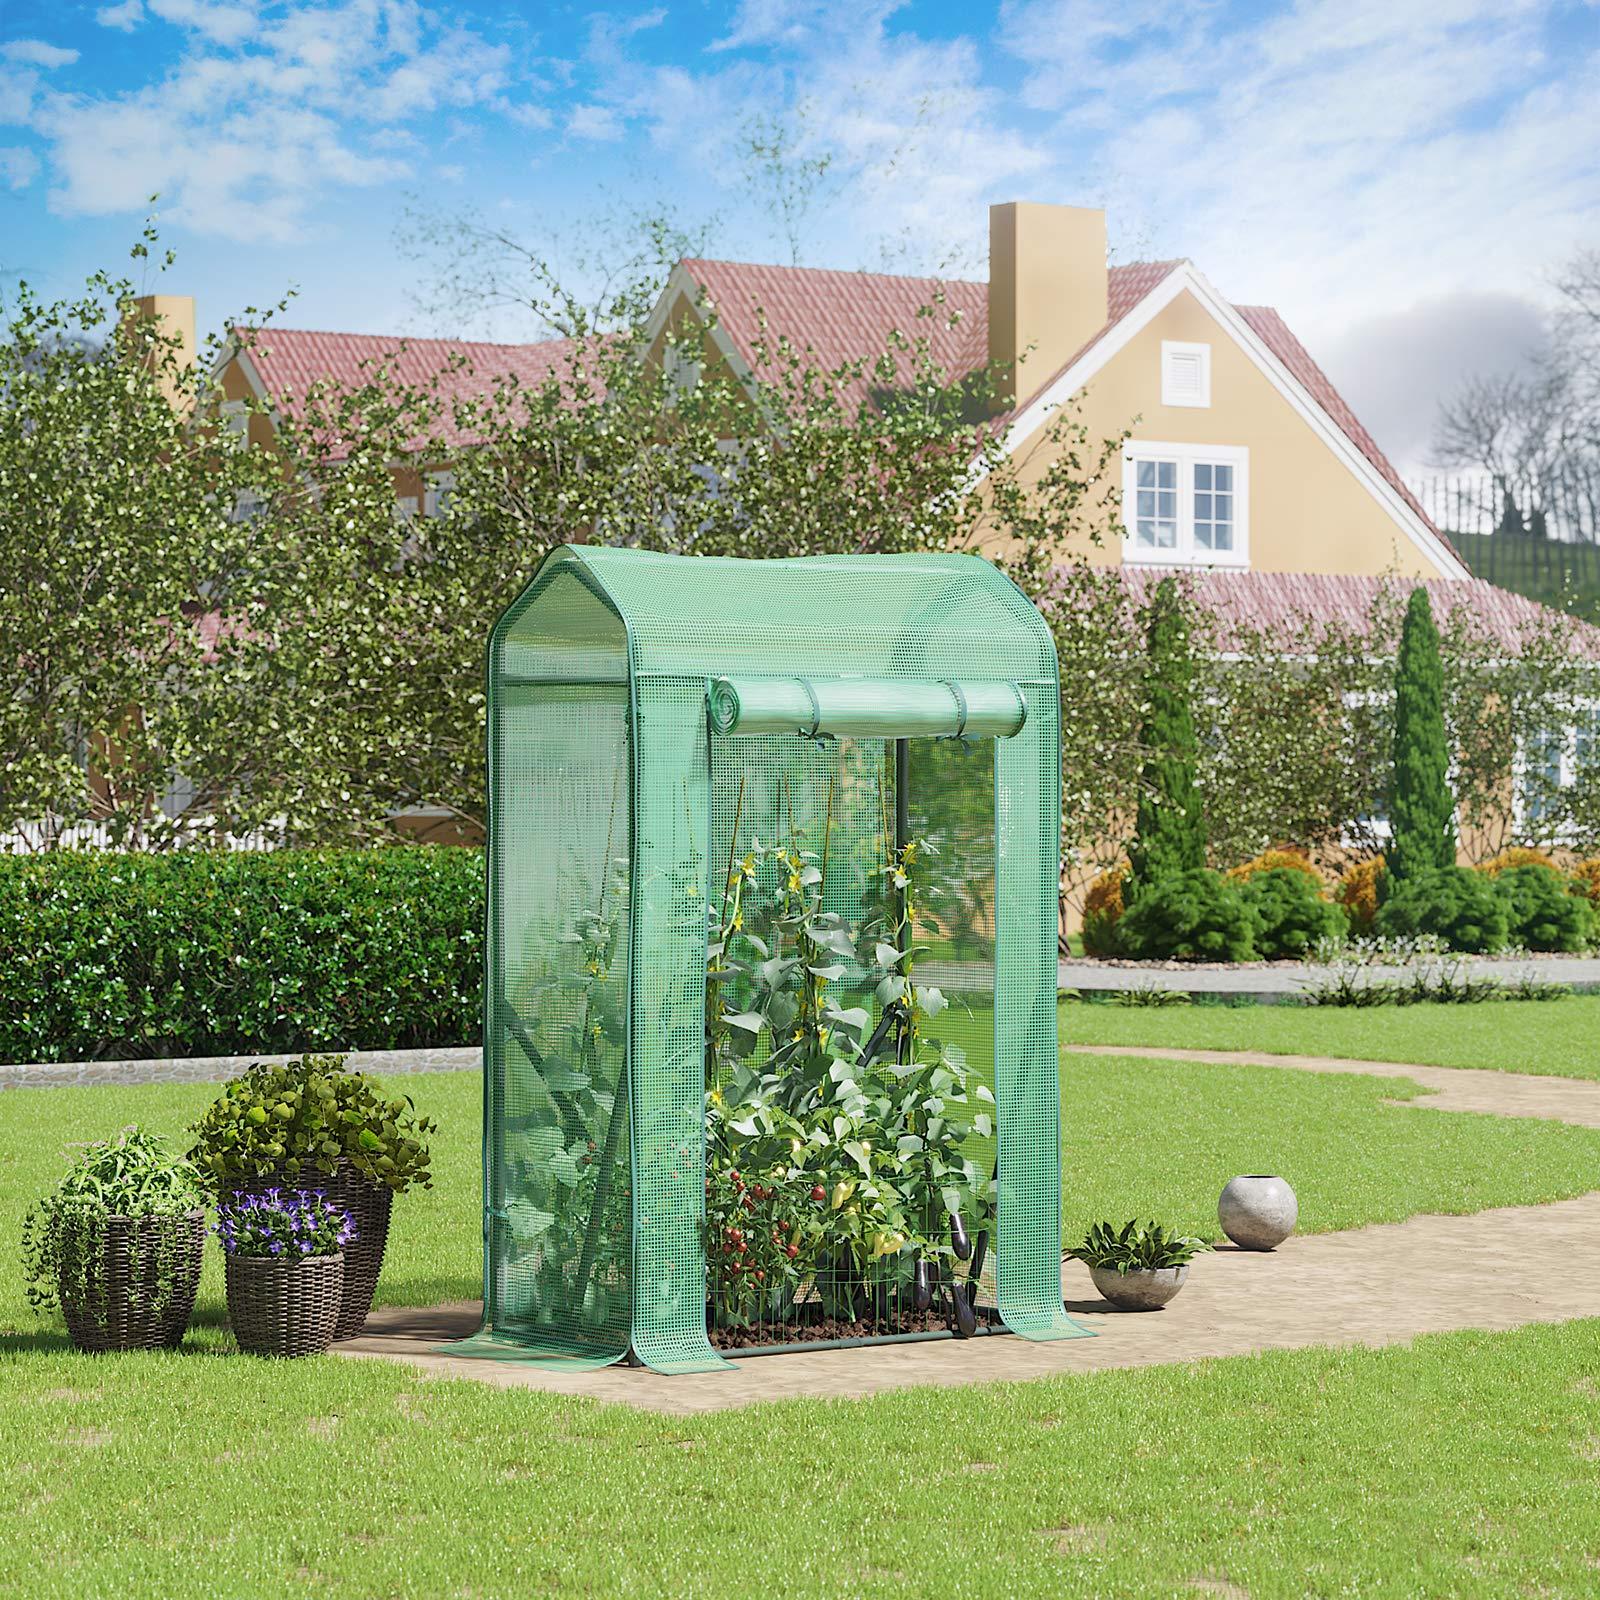 SONGMICS - Invernadero, Invernadero con Entrada Enrollable, pequeño cobertizo de jardín, semillero, caseta de Tomates, Verduras, Flores, Frutas, jardín, 100 x 50 x 150 cm, Color Verde GWP15JB: Amazon.es: Jardín